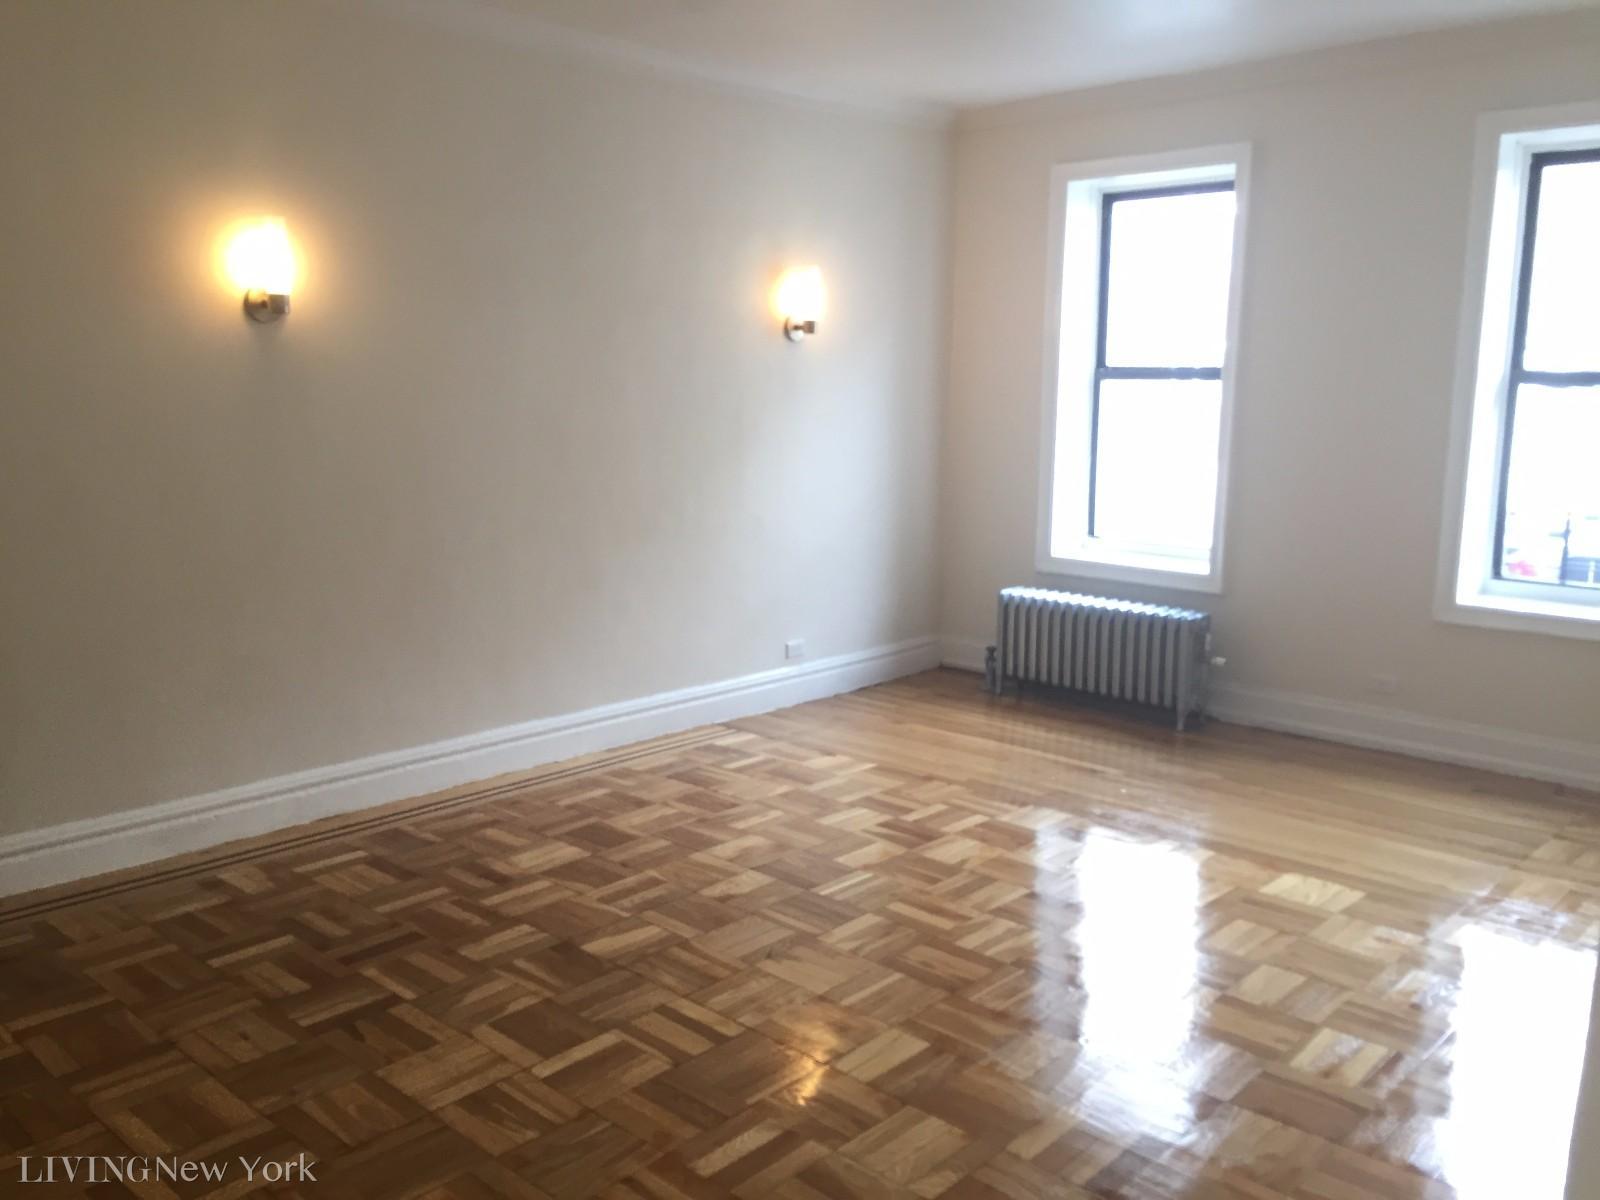 2.5 Apartment in Inwood